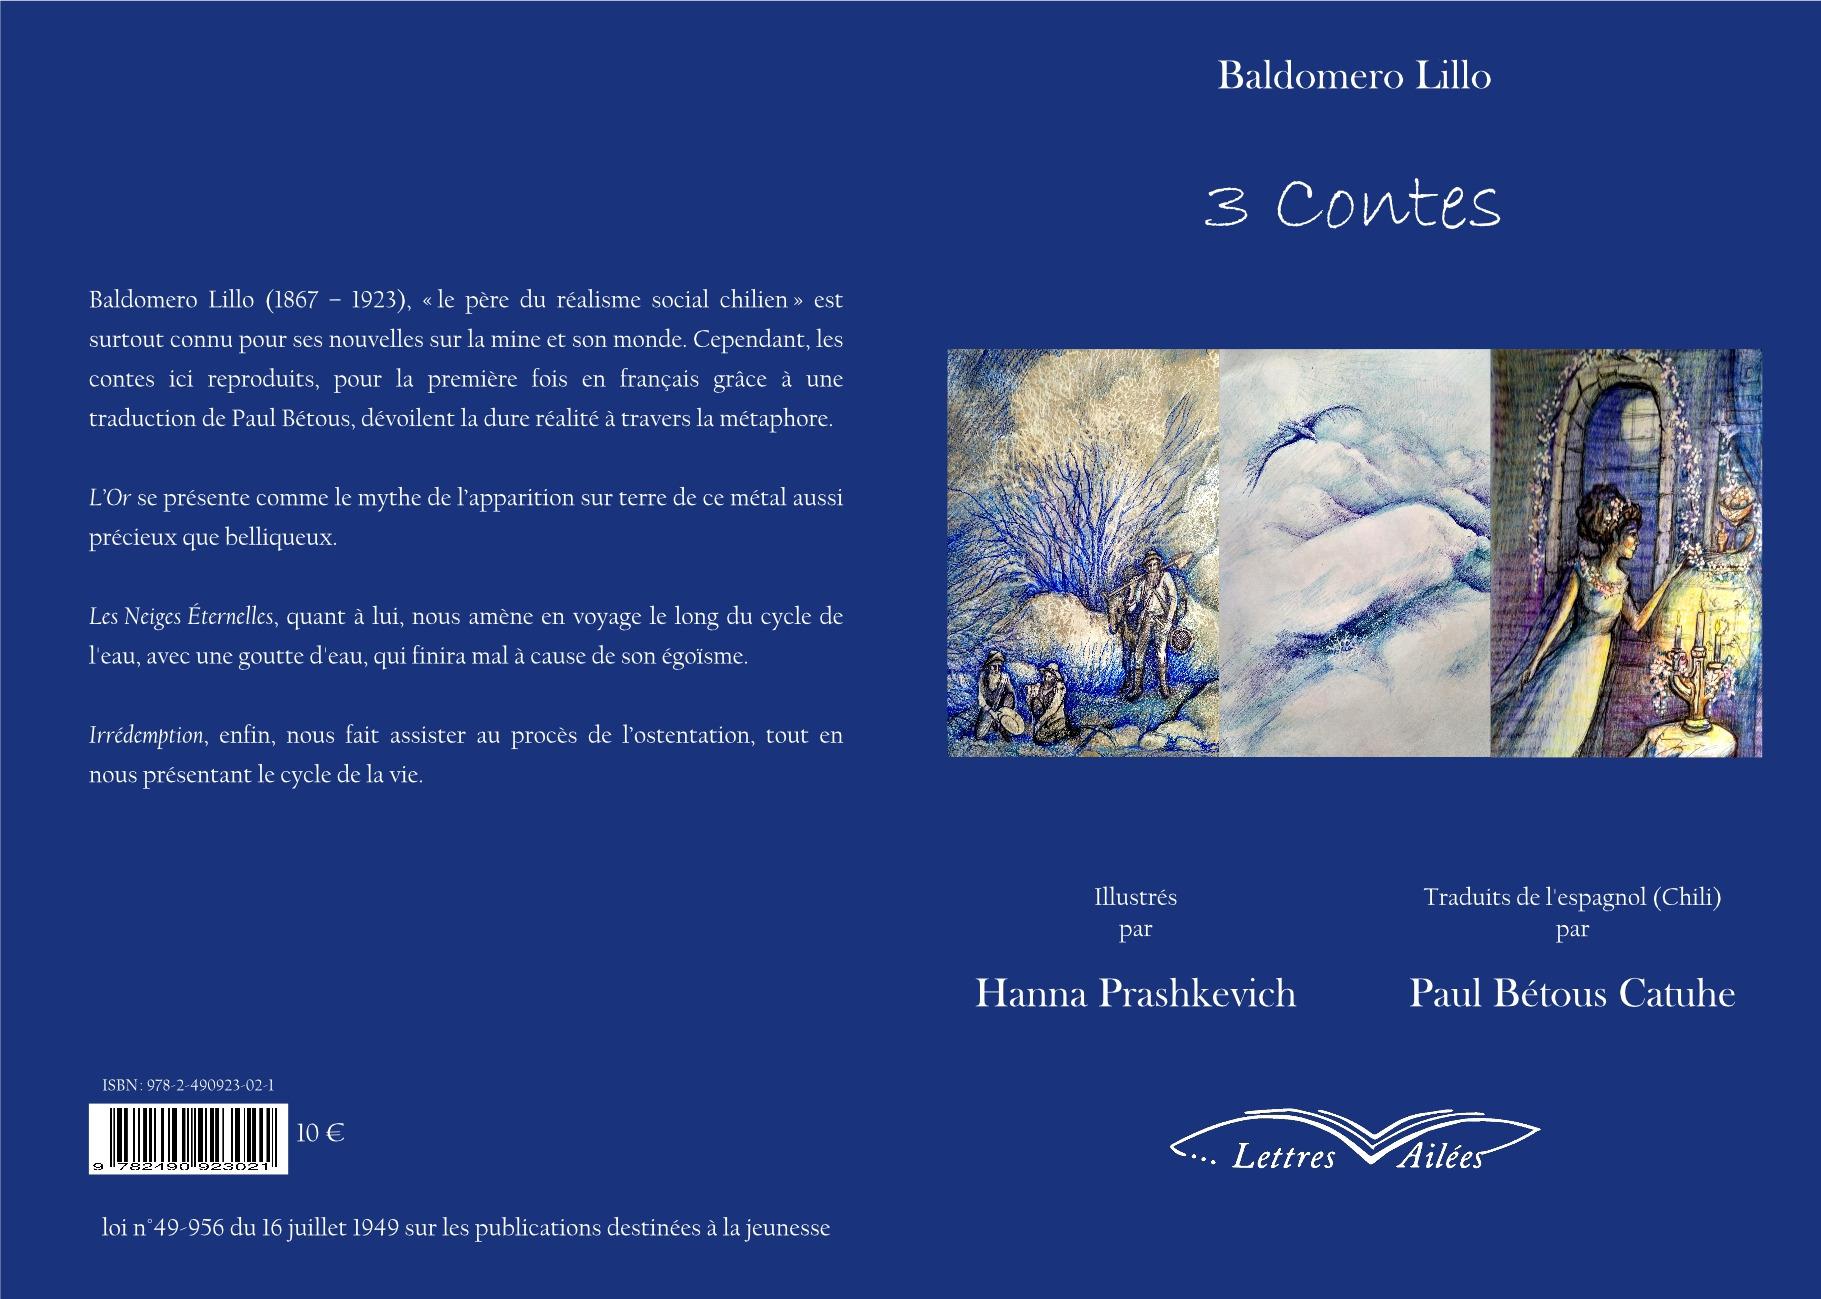 3 Contes de Baldomero Lillo (L'Or, Les neiges éternelles et Irrédemption) - ILLUSTRÉS !